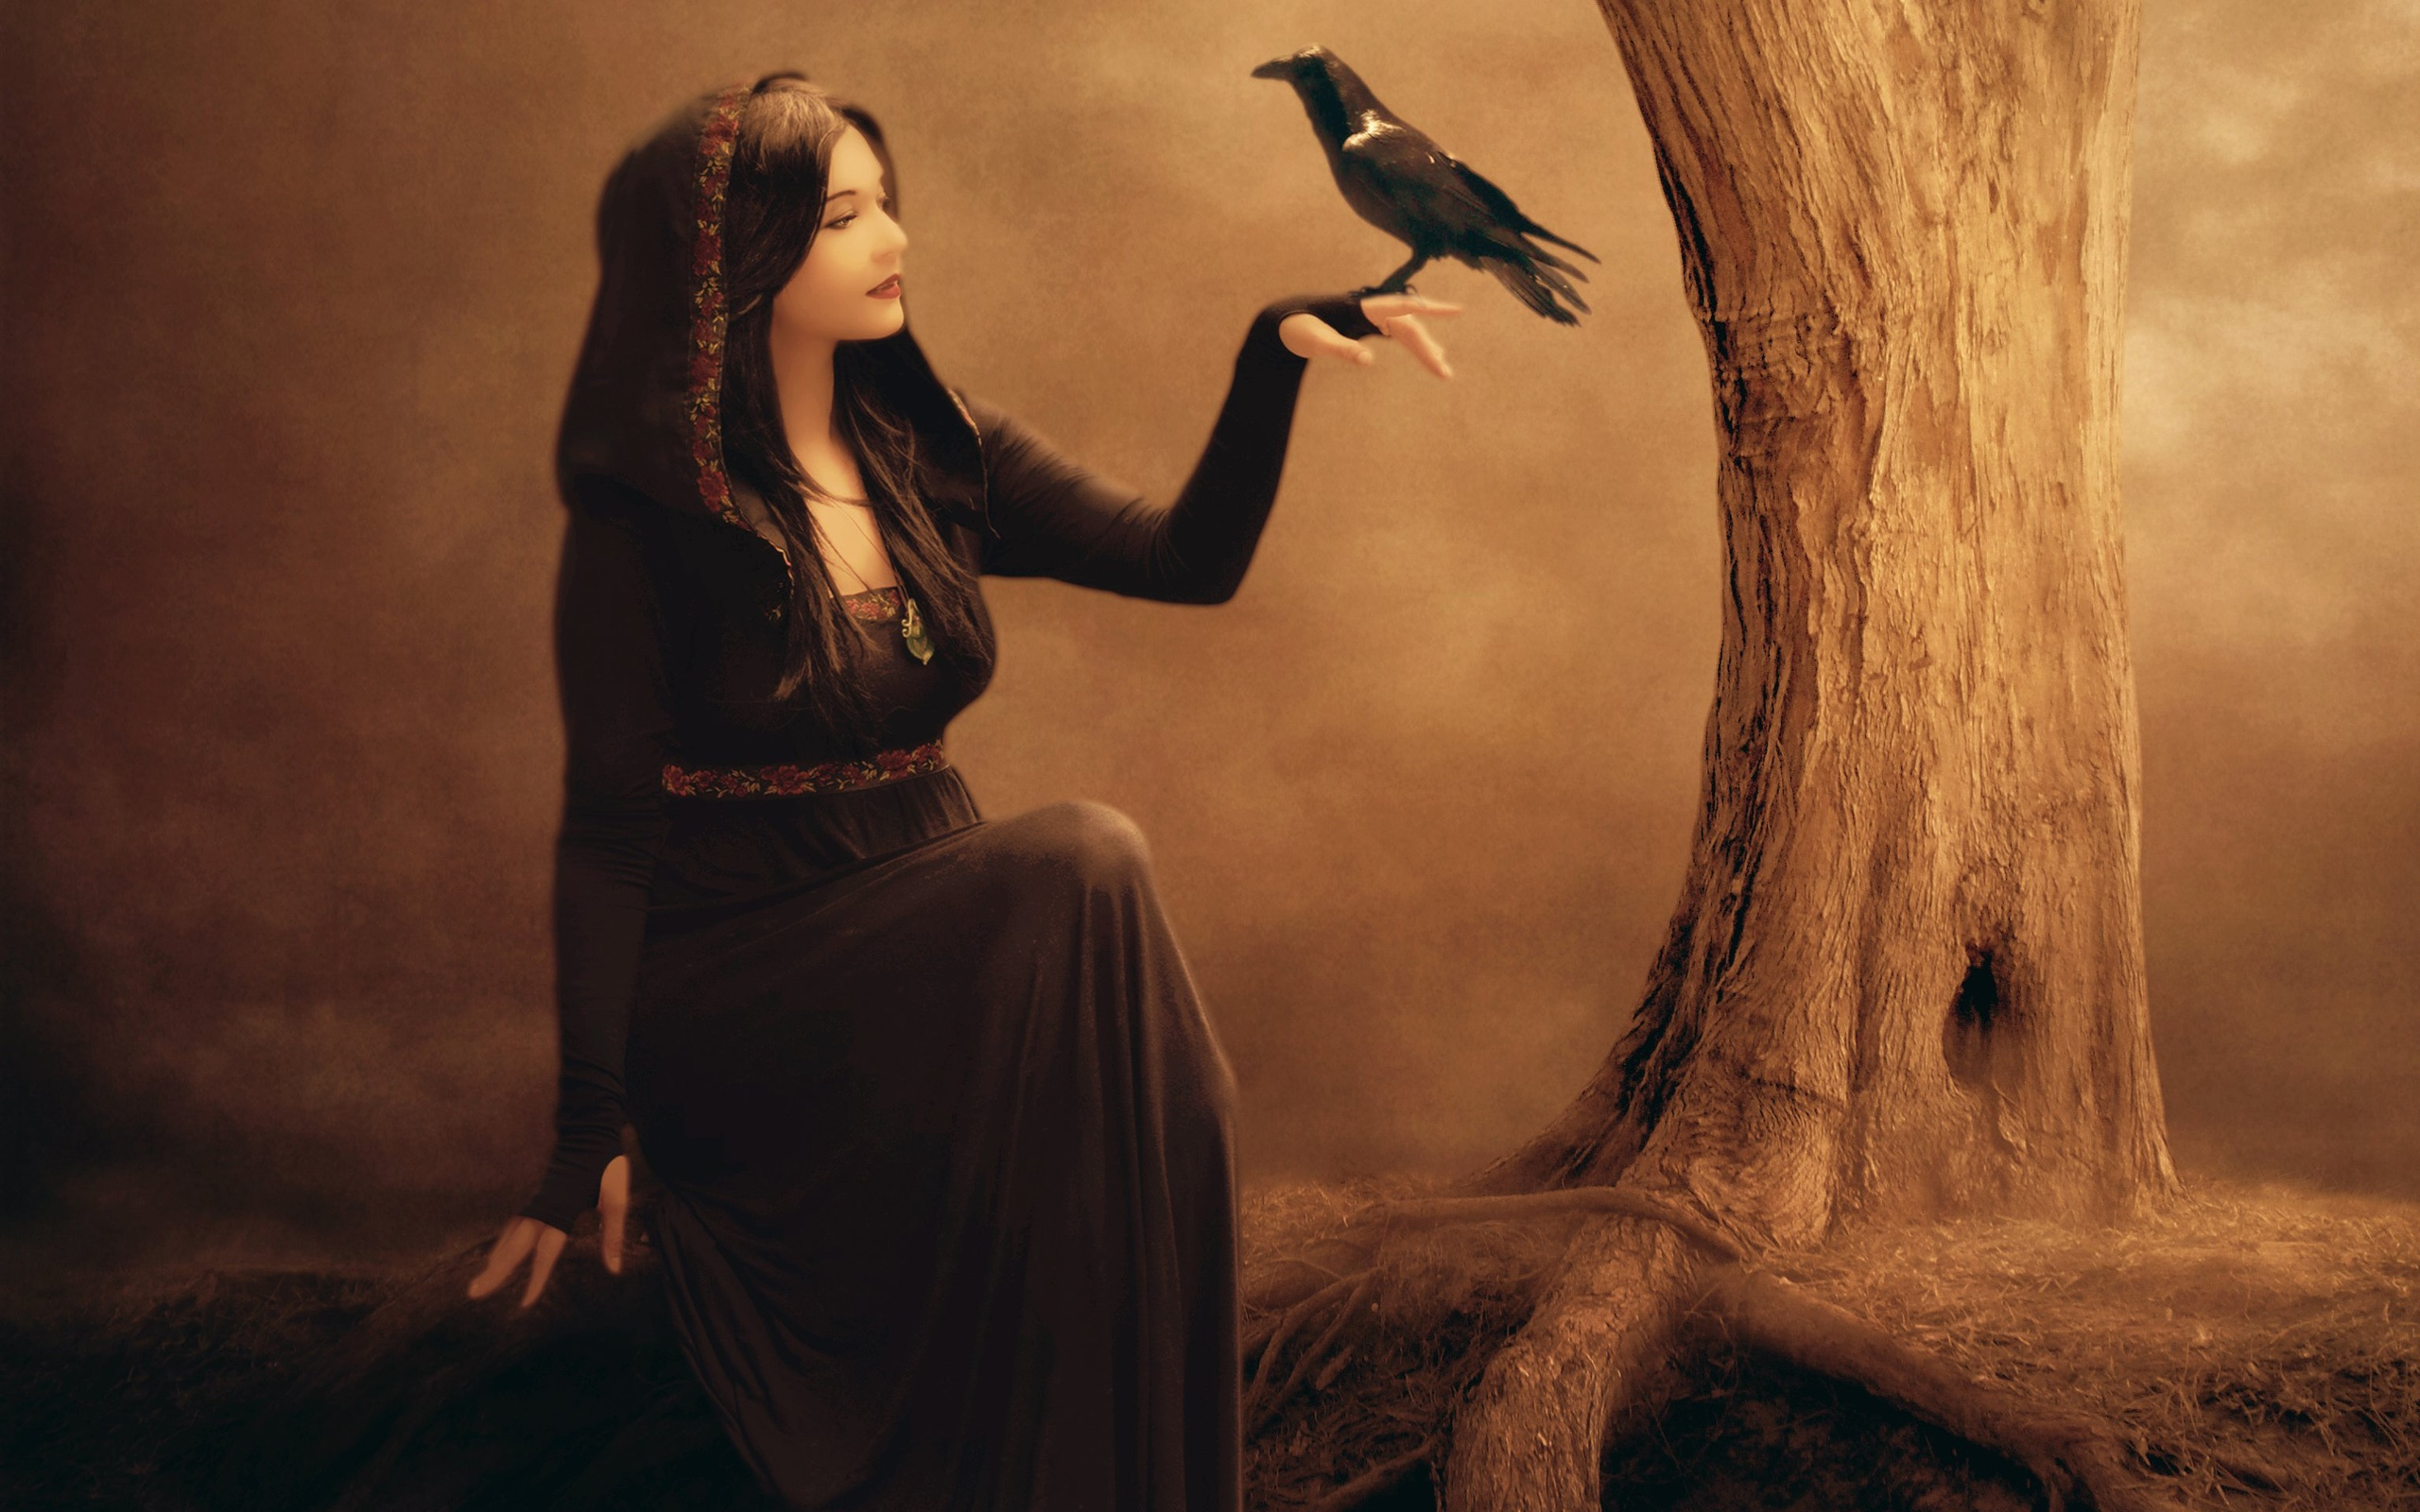 Schne Fantasy Girl, Rabe, Baum, Hexe, Schwarzes Kleid -4270